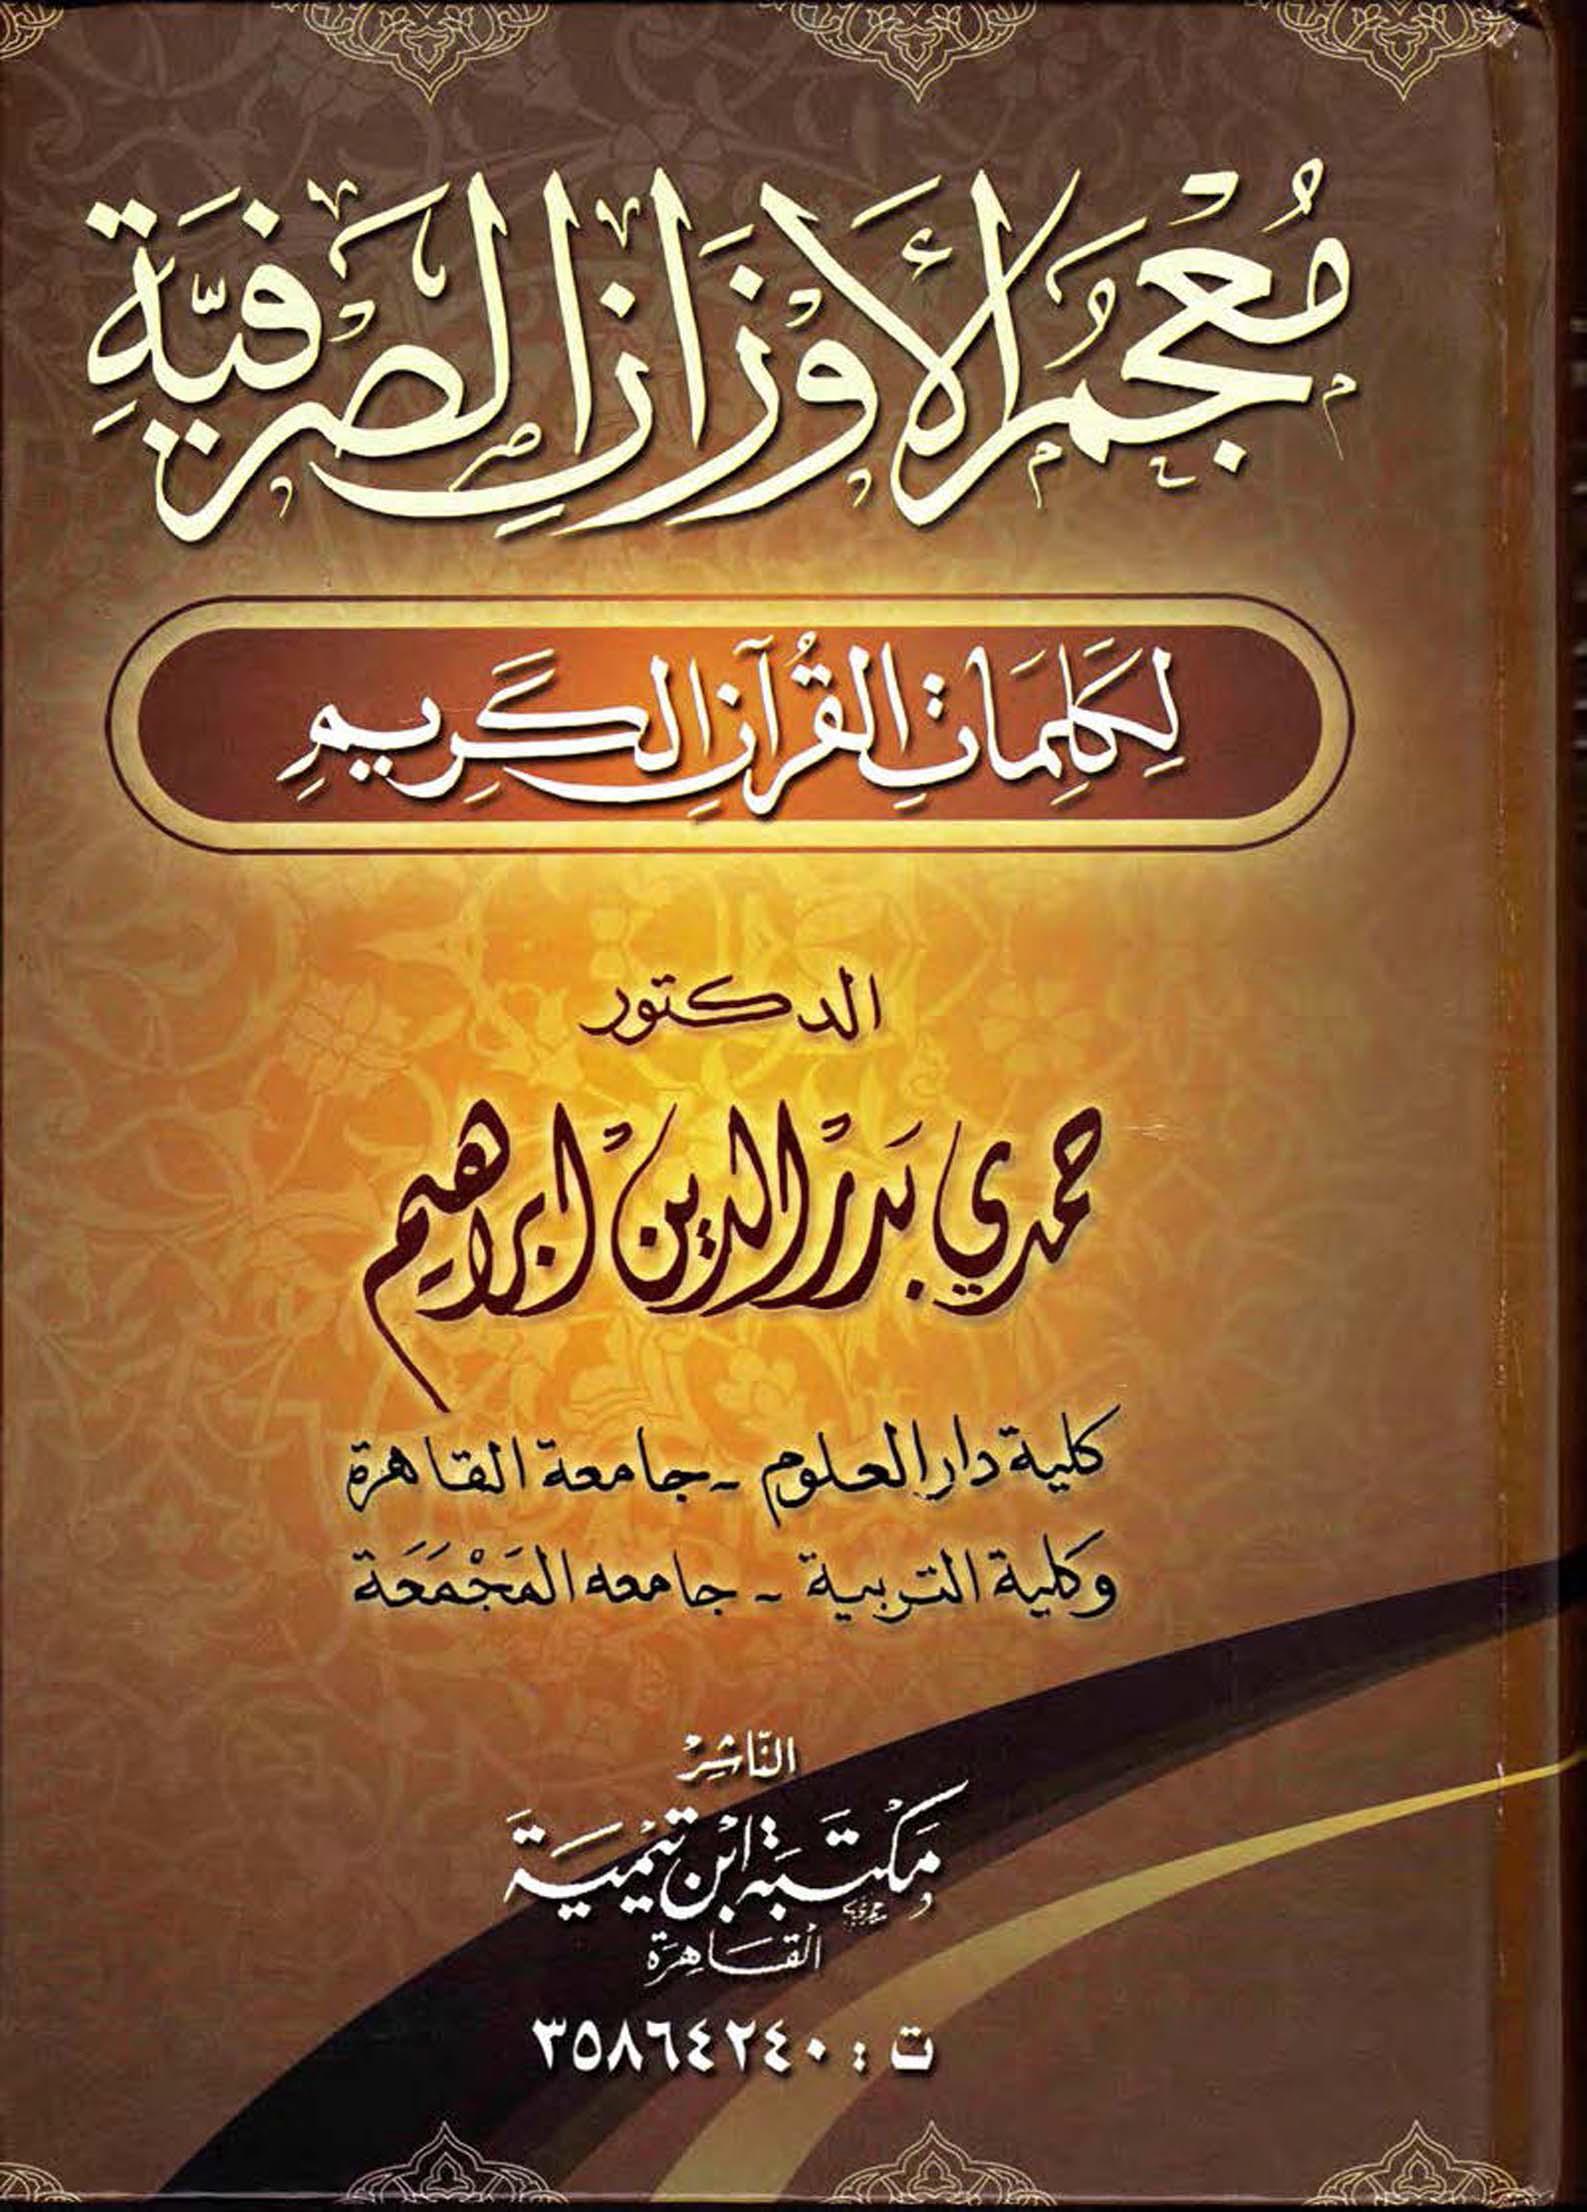 تحميل كتاب معجم الأوزان الصرفية لكلمات القرآن الكريم لـِ: الدكتور حمدي بدر الدين بدر الدين إبراهيم